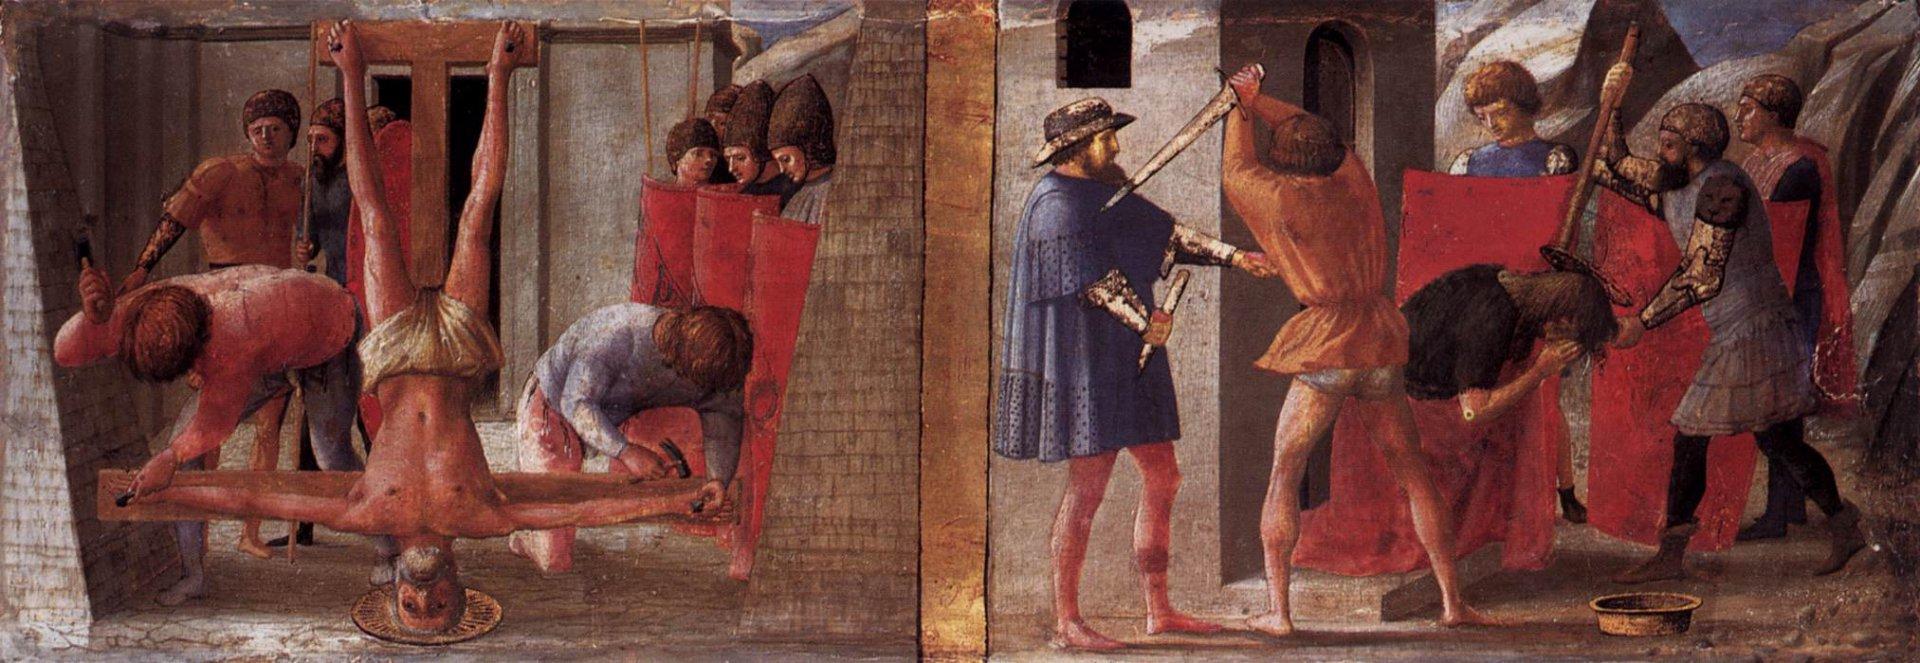 32686-predella-panel-from-the-pisa-altar-masaccio.jpg